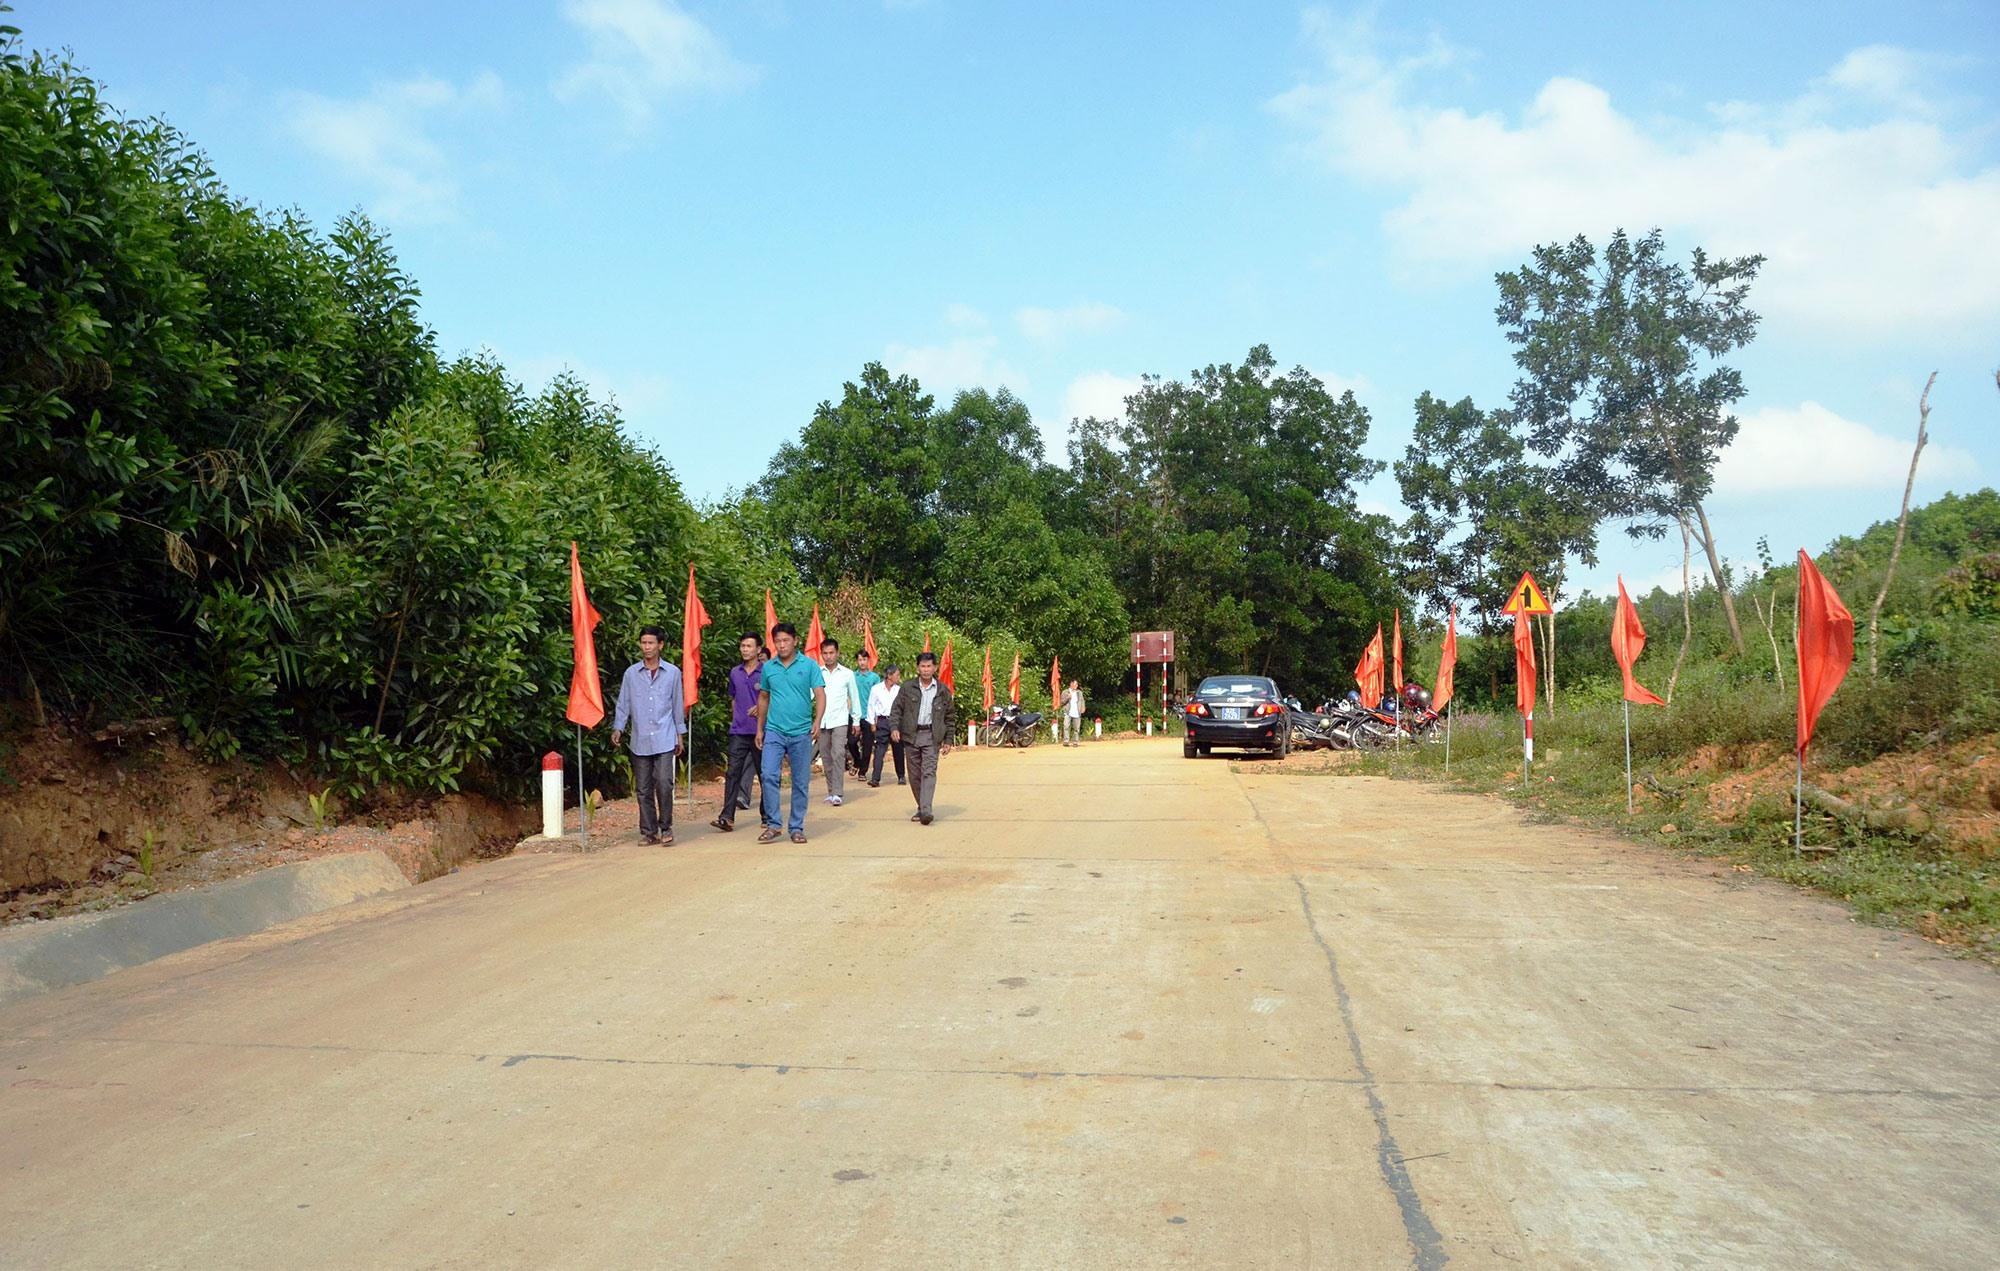 Tuyến đường đi vào hoạt động giúp nhân đi lại, giao thương buôn bán được thuận lợi.